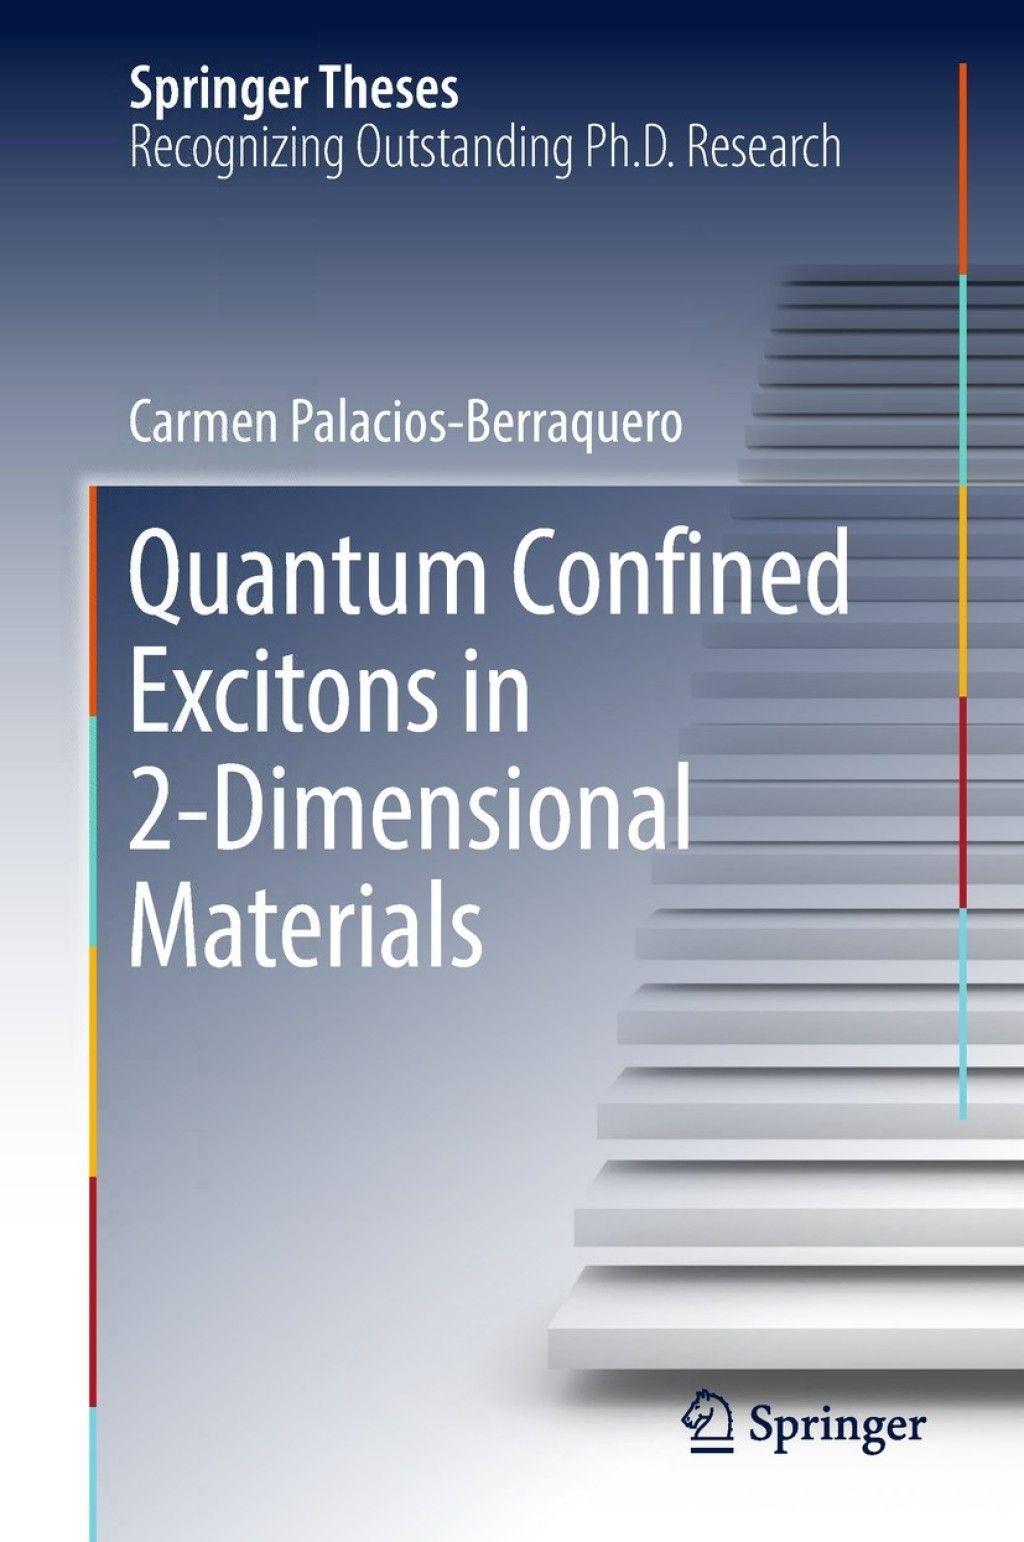 eBook Rental - By Carmen Palacios-Berraquero PRINT ISBN: 9783030014827 E-TEXT ISBN: 9783030014827 Edition: 0